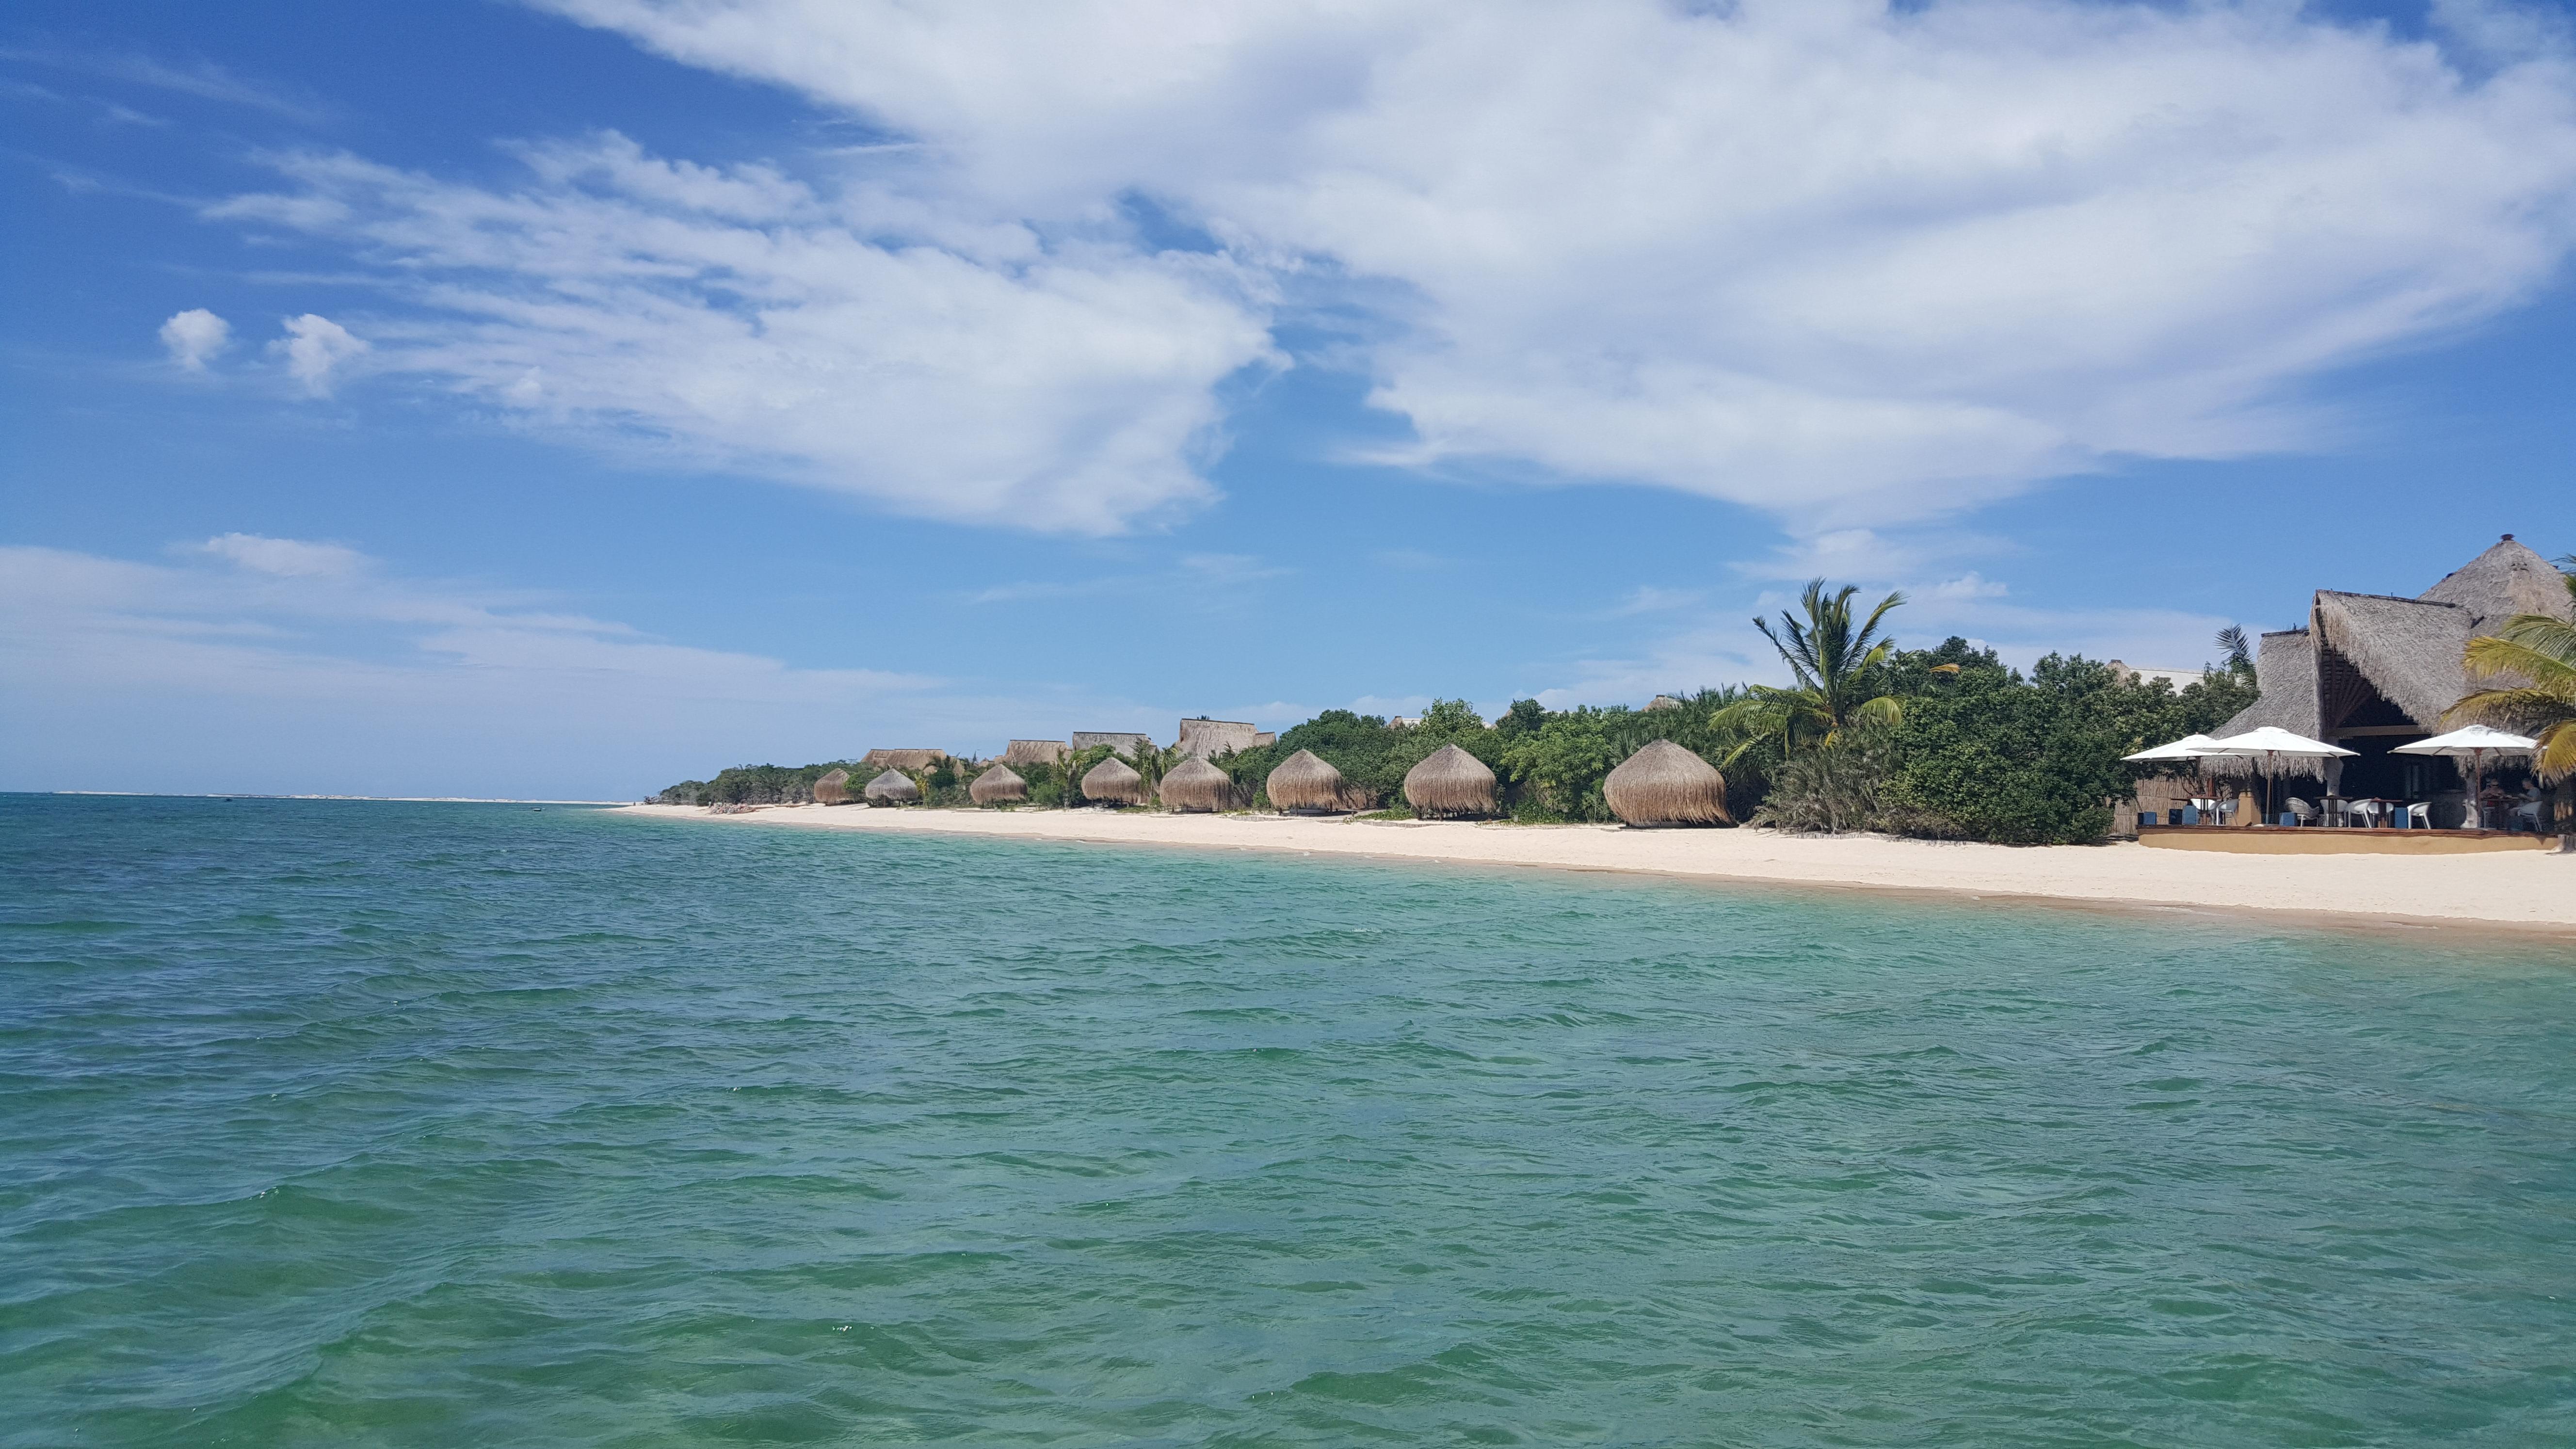 O hotel visto do mar: discretíssimo e respeitoso com o cenário